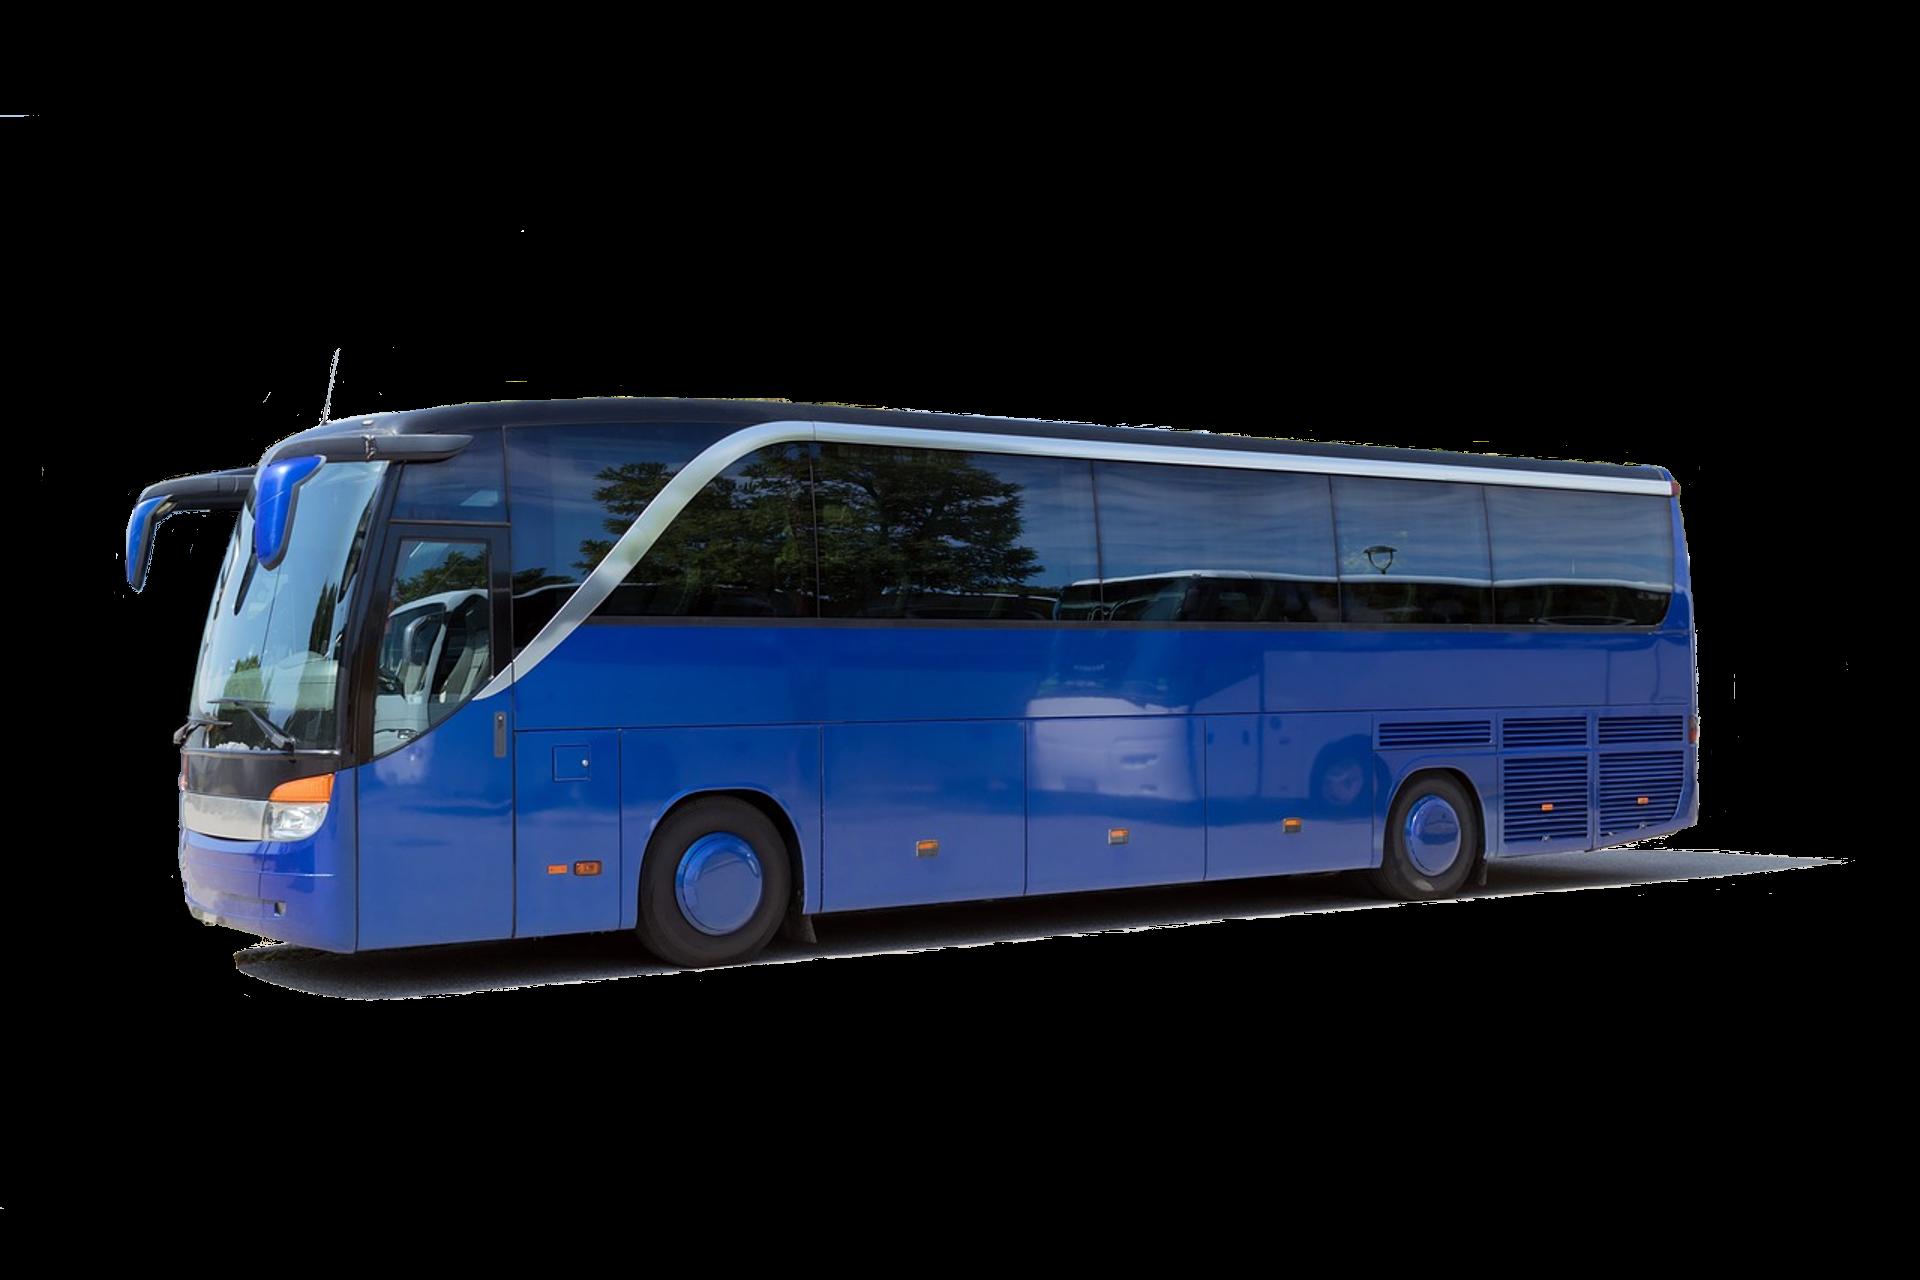 reis per touringcar van Nederland naar Reuzengebergte in Tsjechië